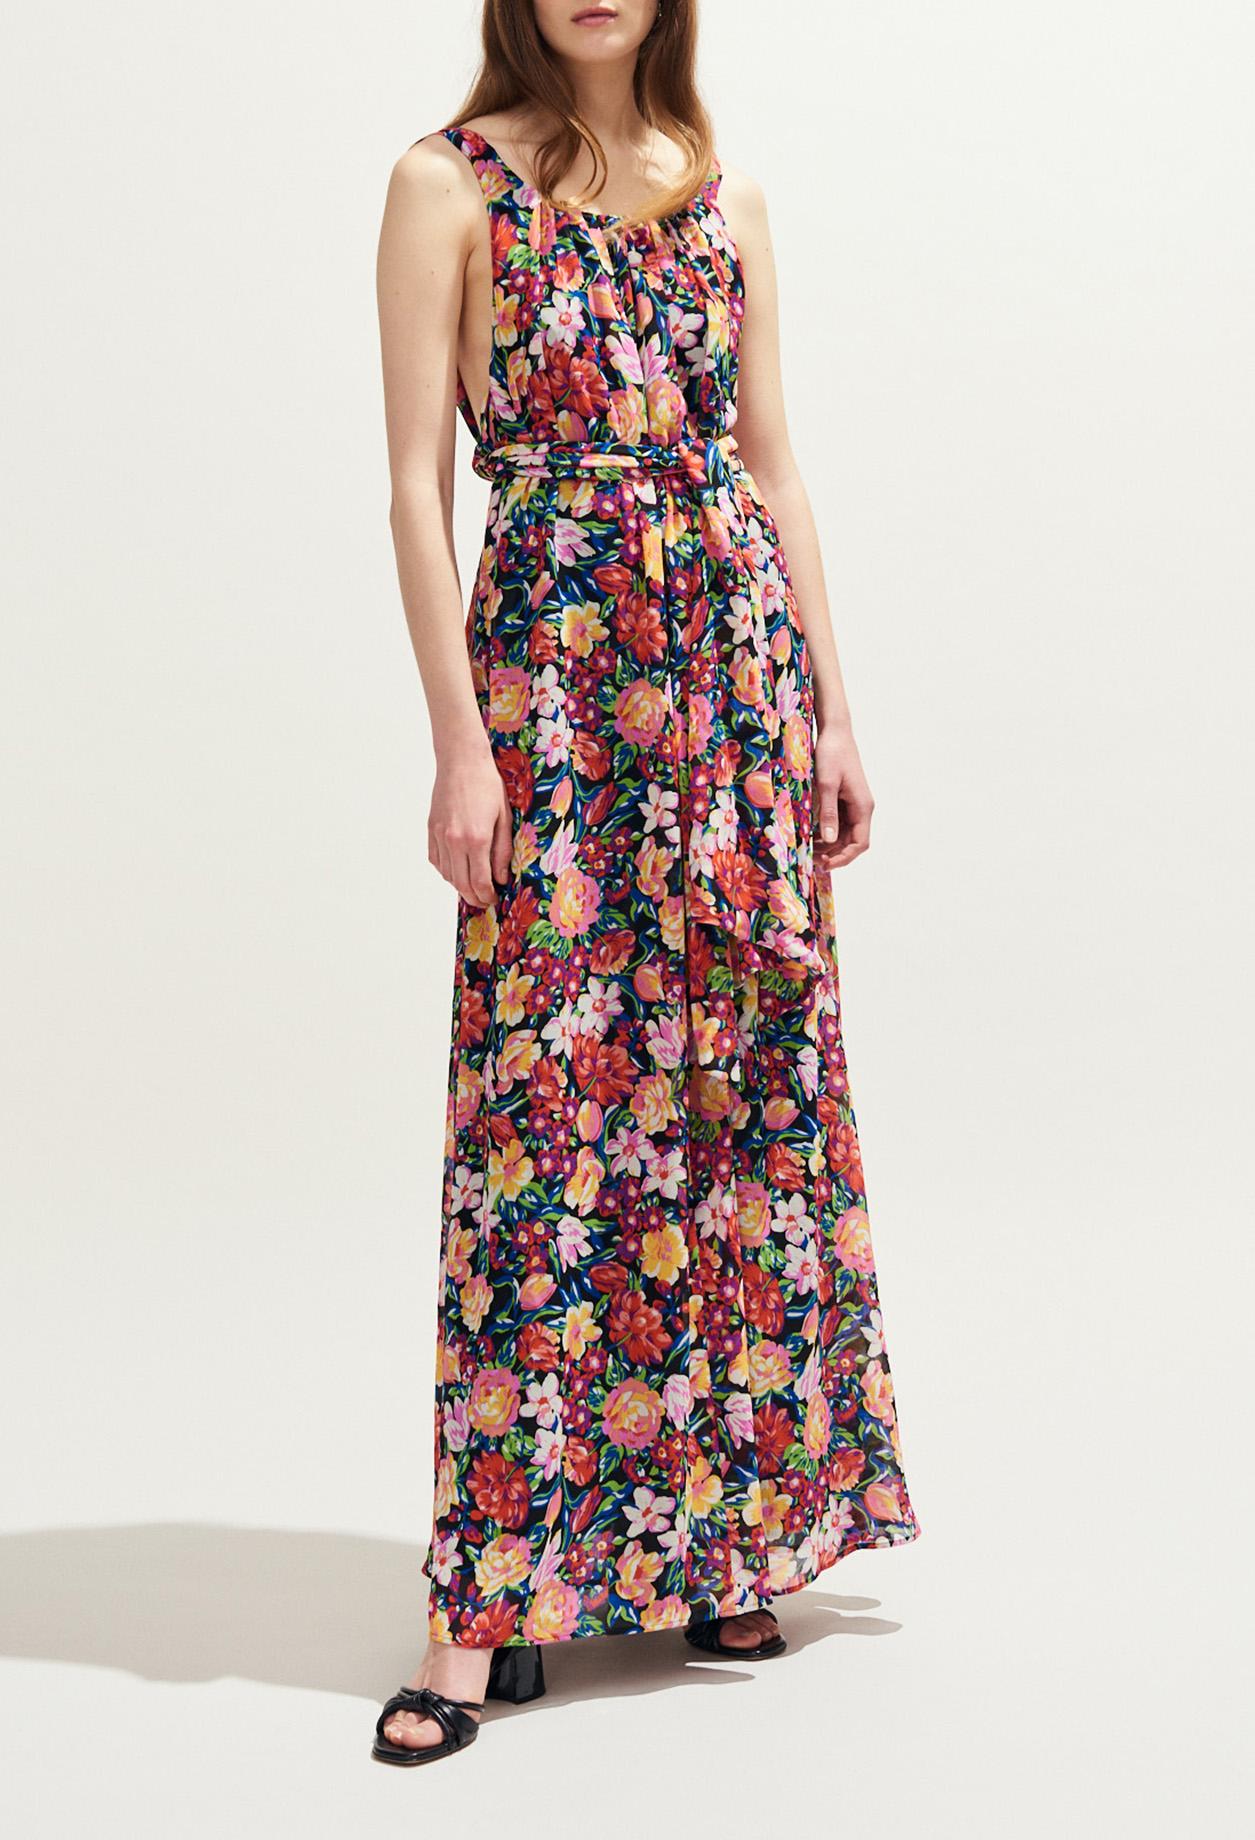 grand choix de extrêmement unique modèle unique Robe longue dos nu imprimée fleurs